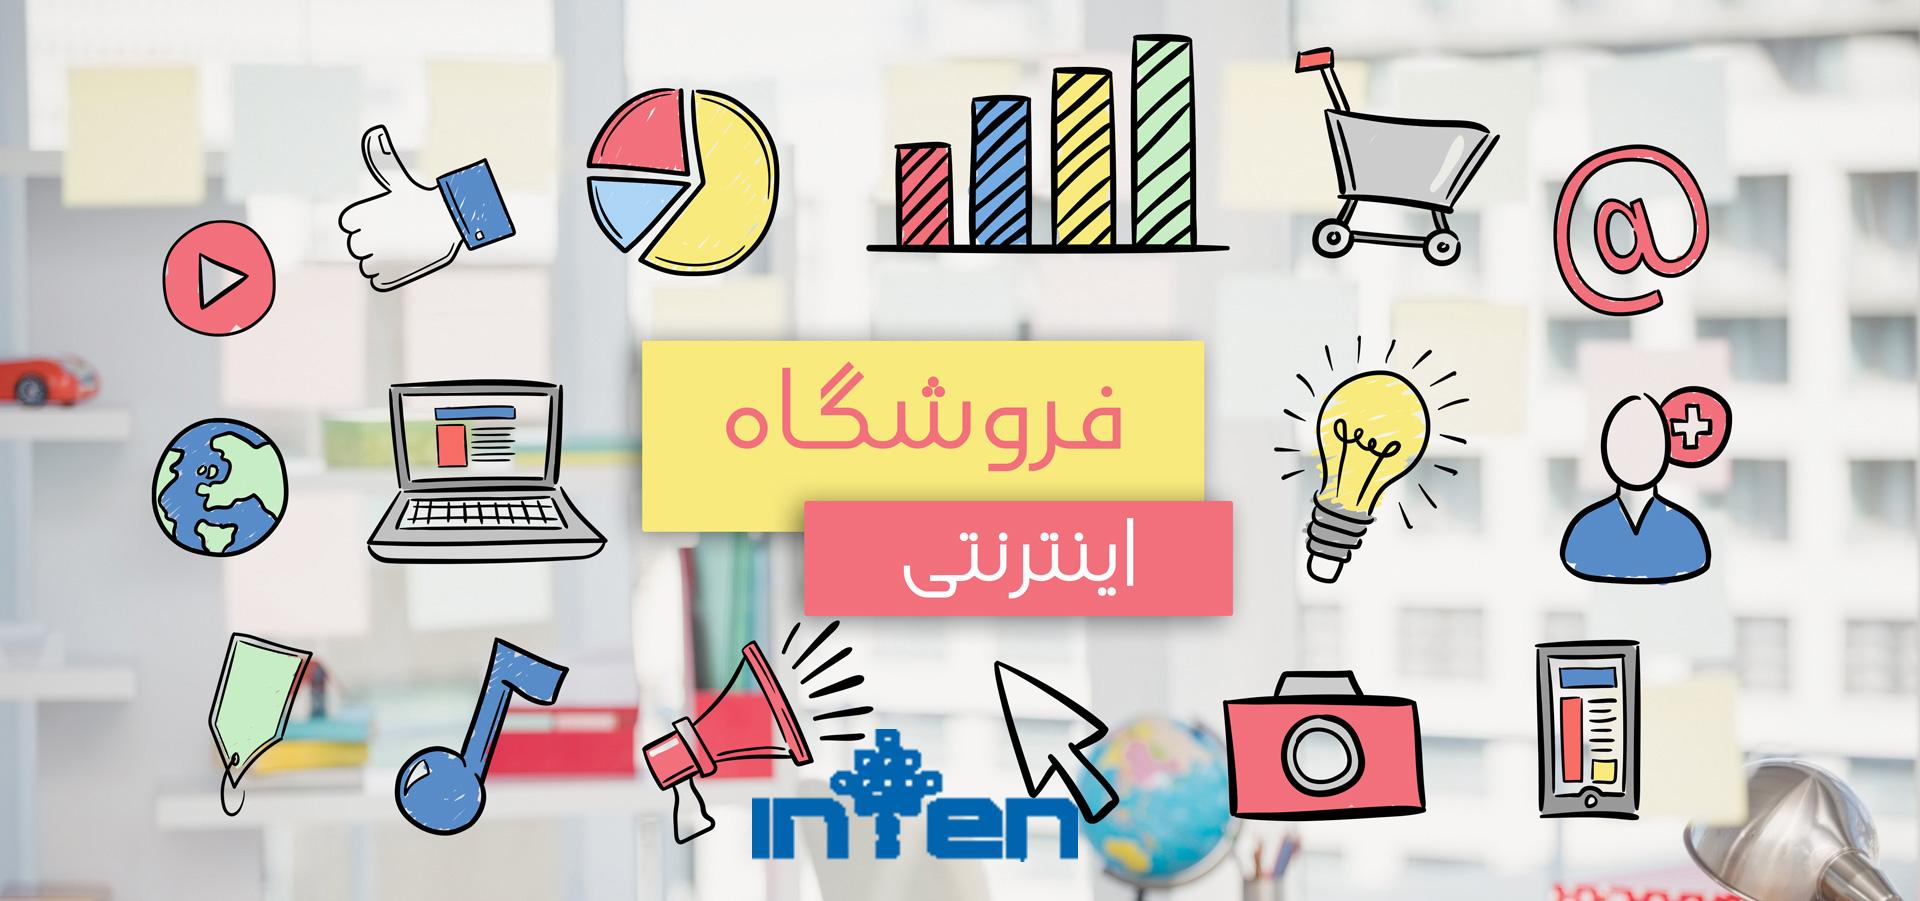 طراحی سایت-نکات مهم برای راه اندازی فروشگاه اینترنتی